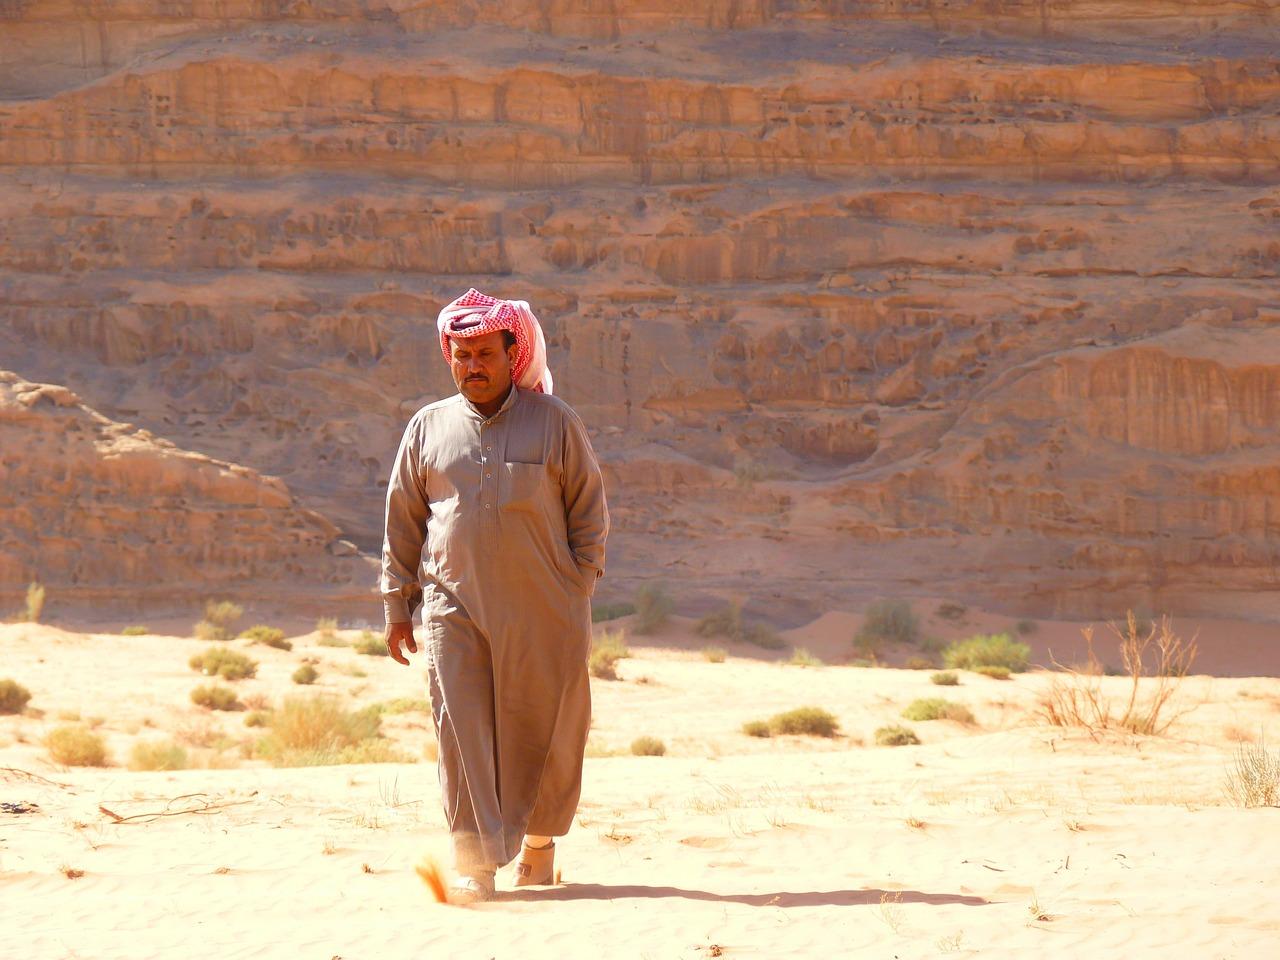 A Bedouin wandering in the Wadi Rum desert